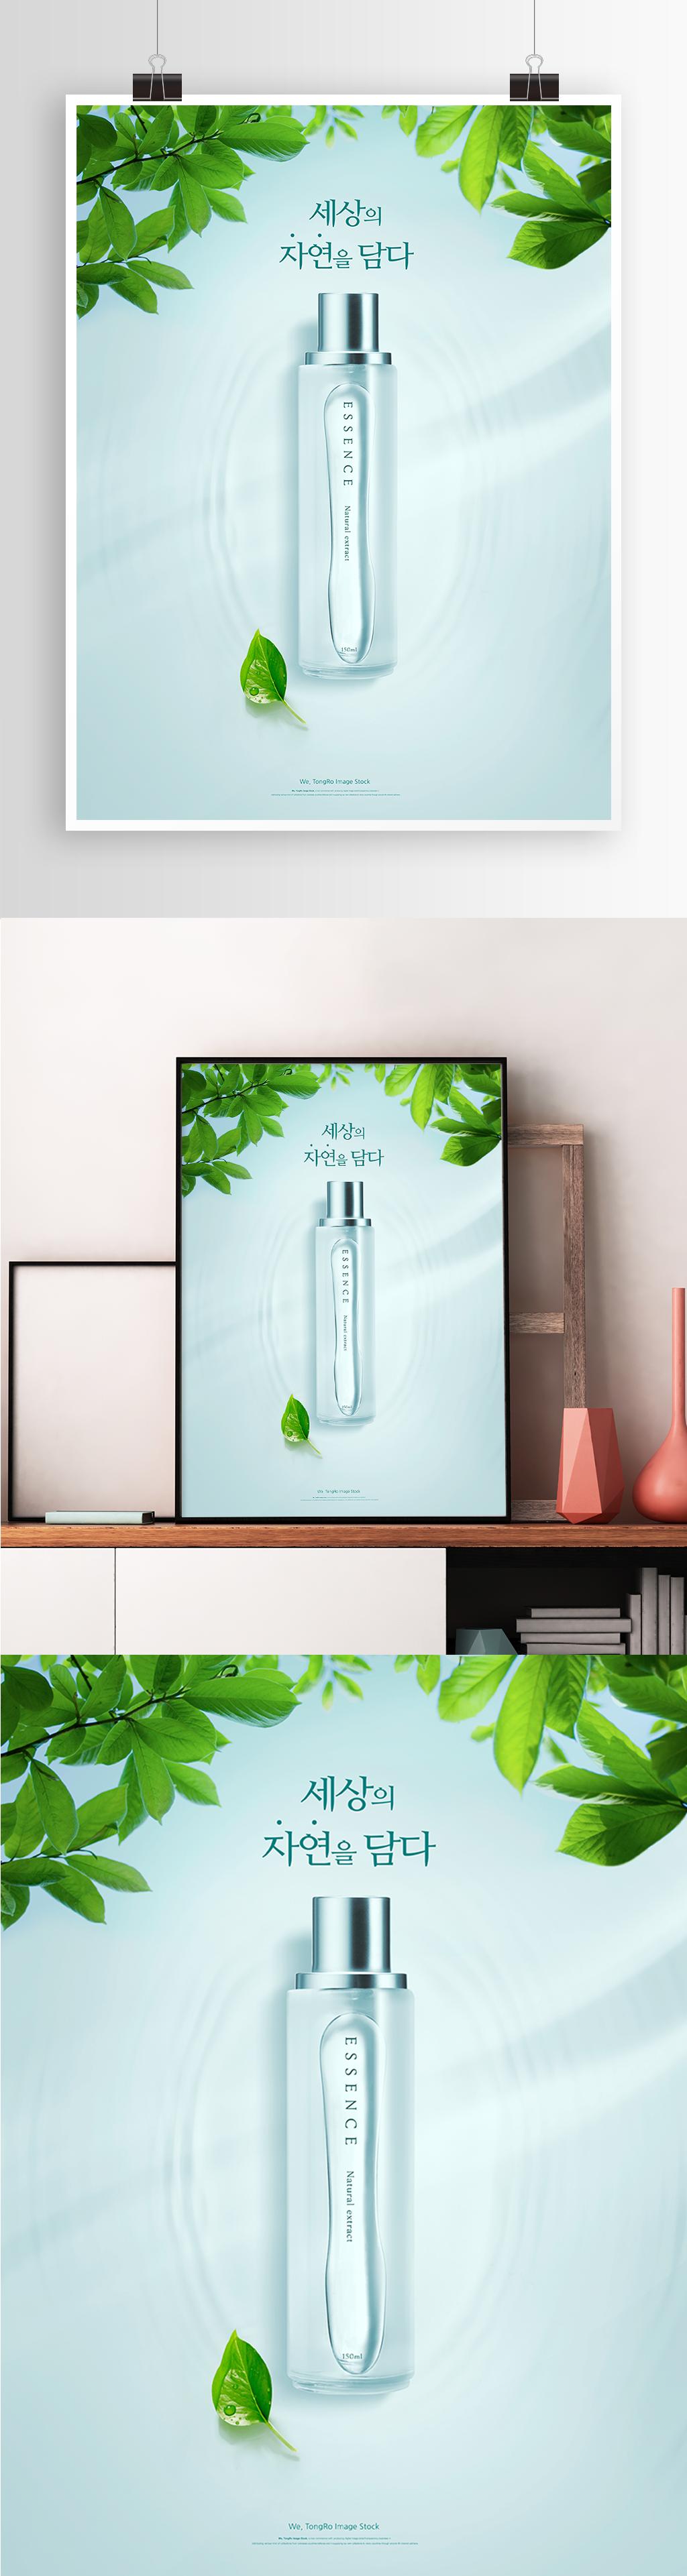 夏季爽肤水促销海报